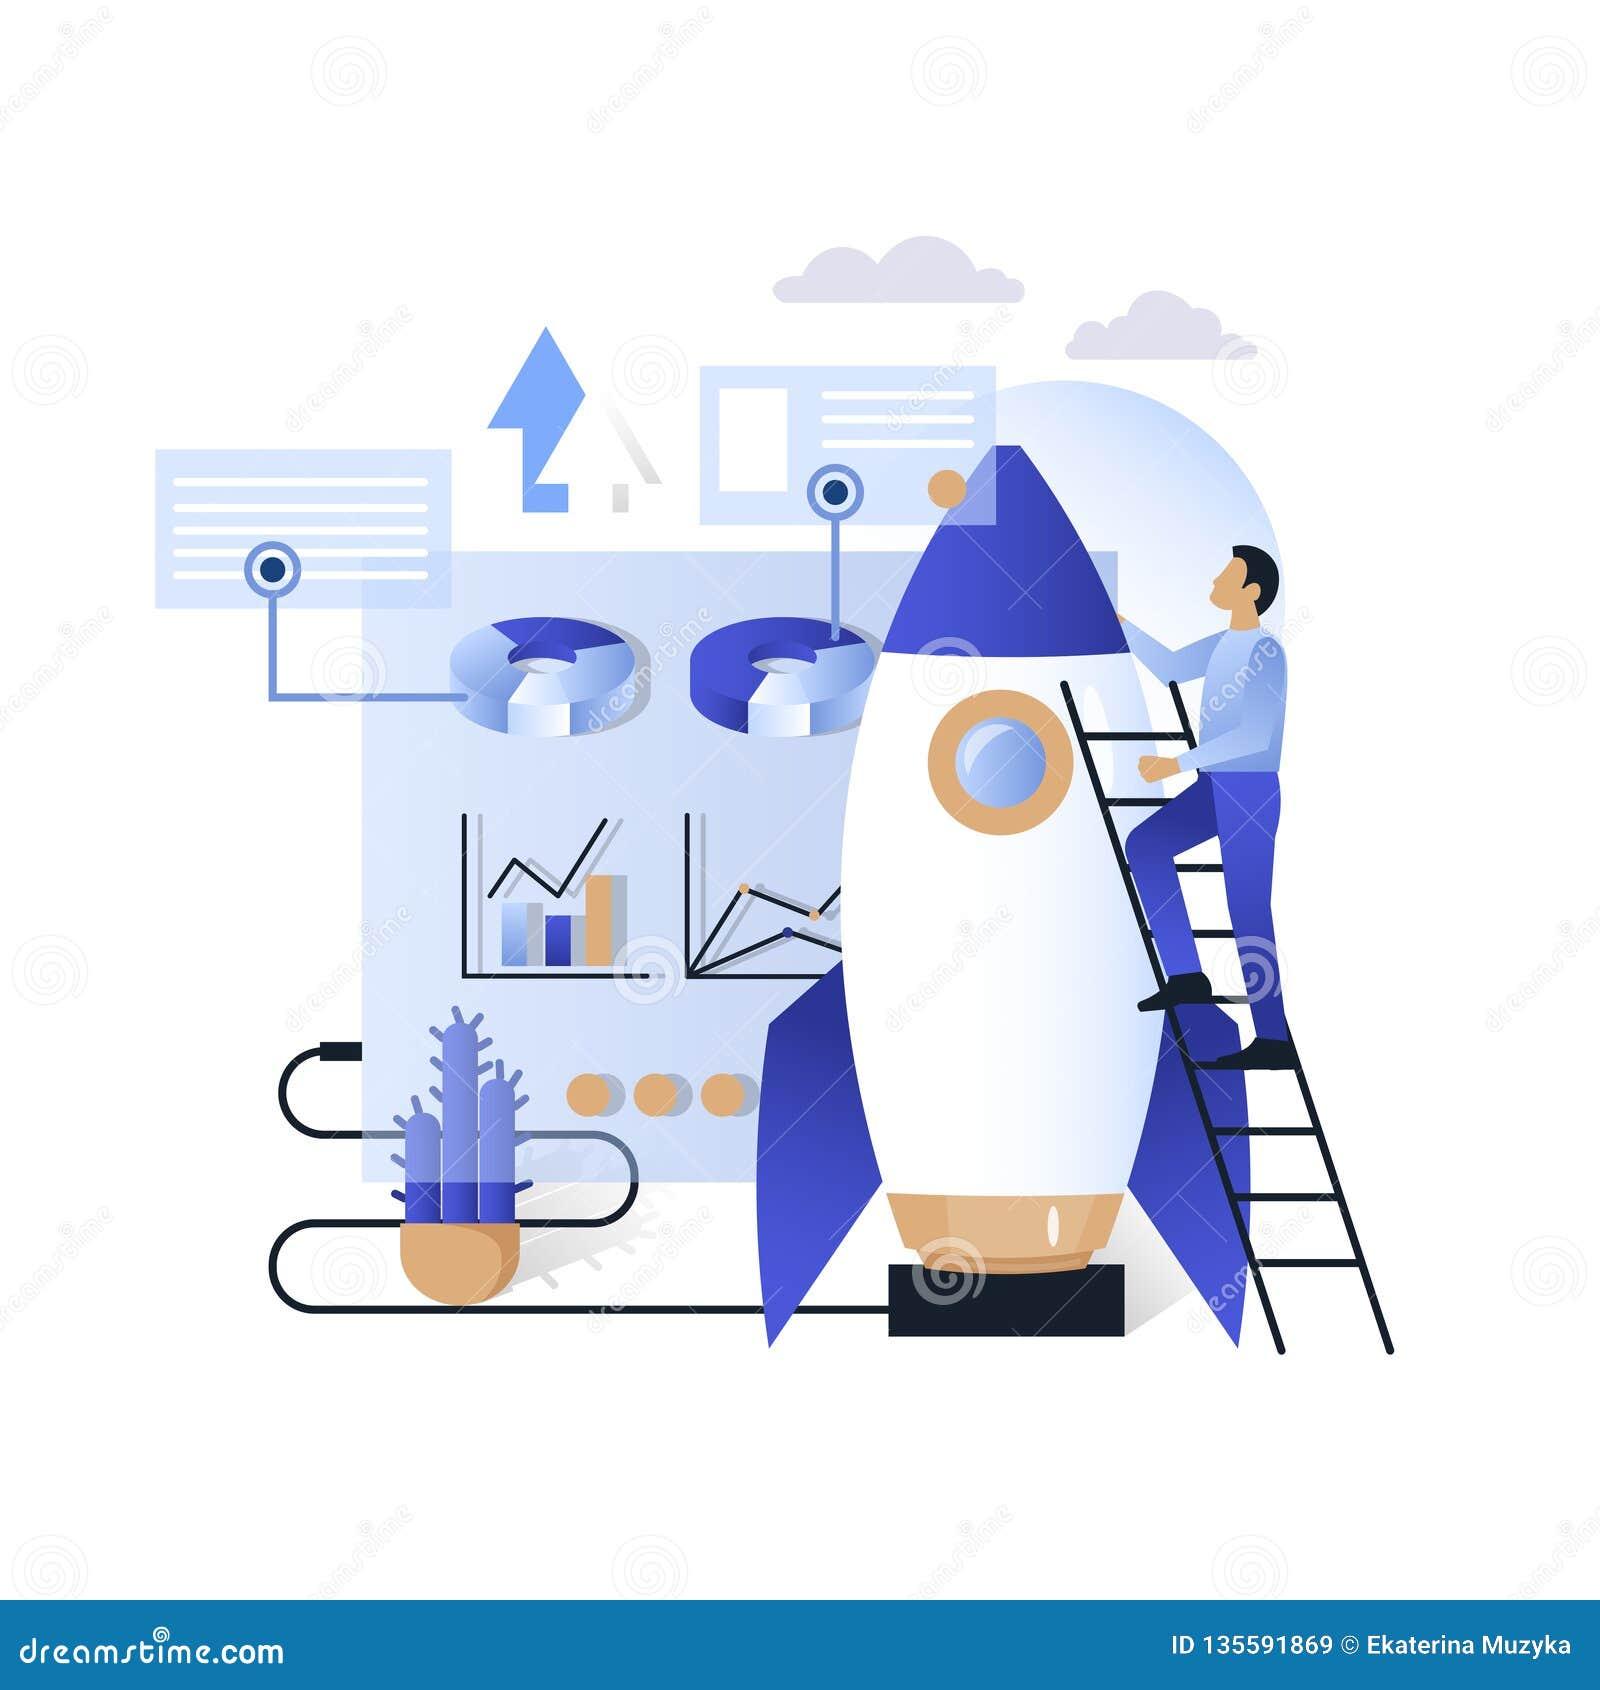 De blauwe illustratie van het bedrijfs toekomstige technologieën vectorconcept